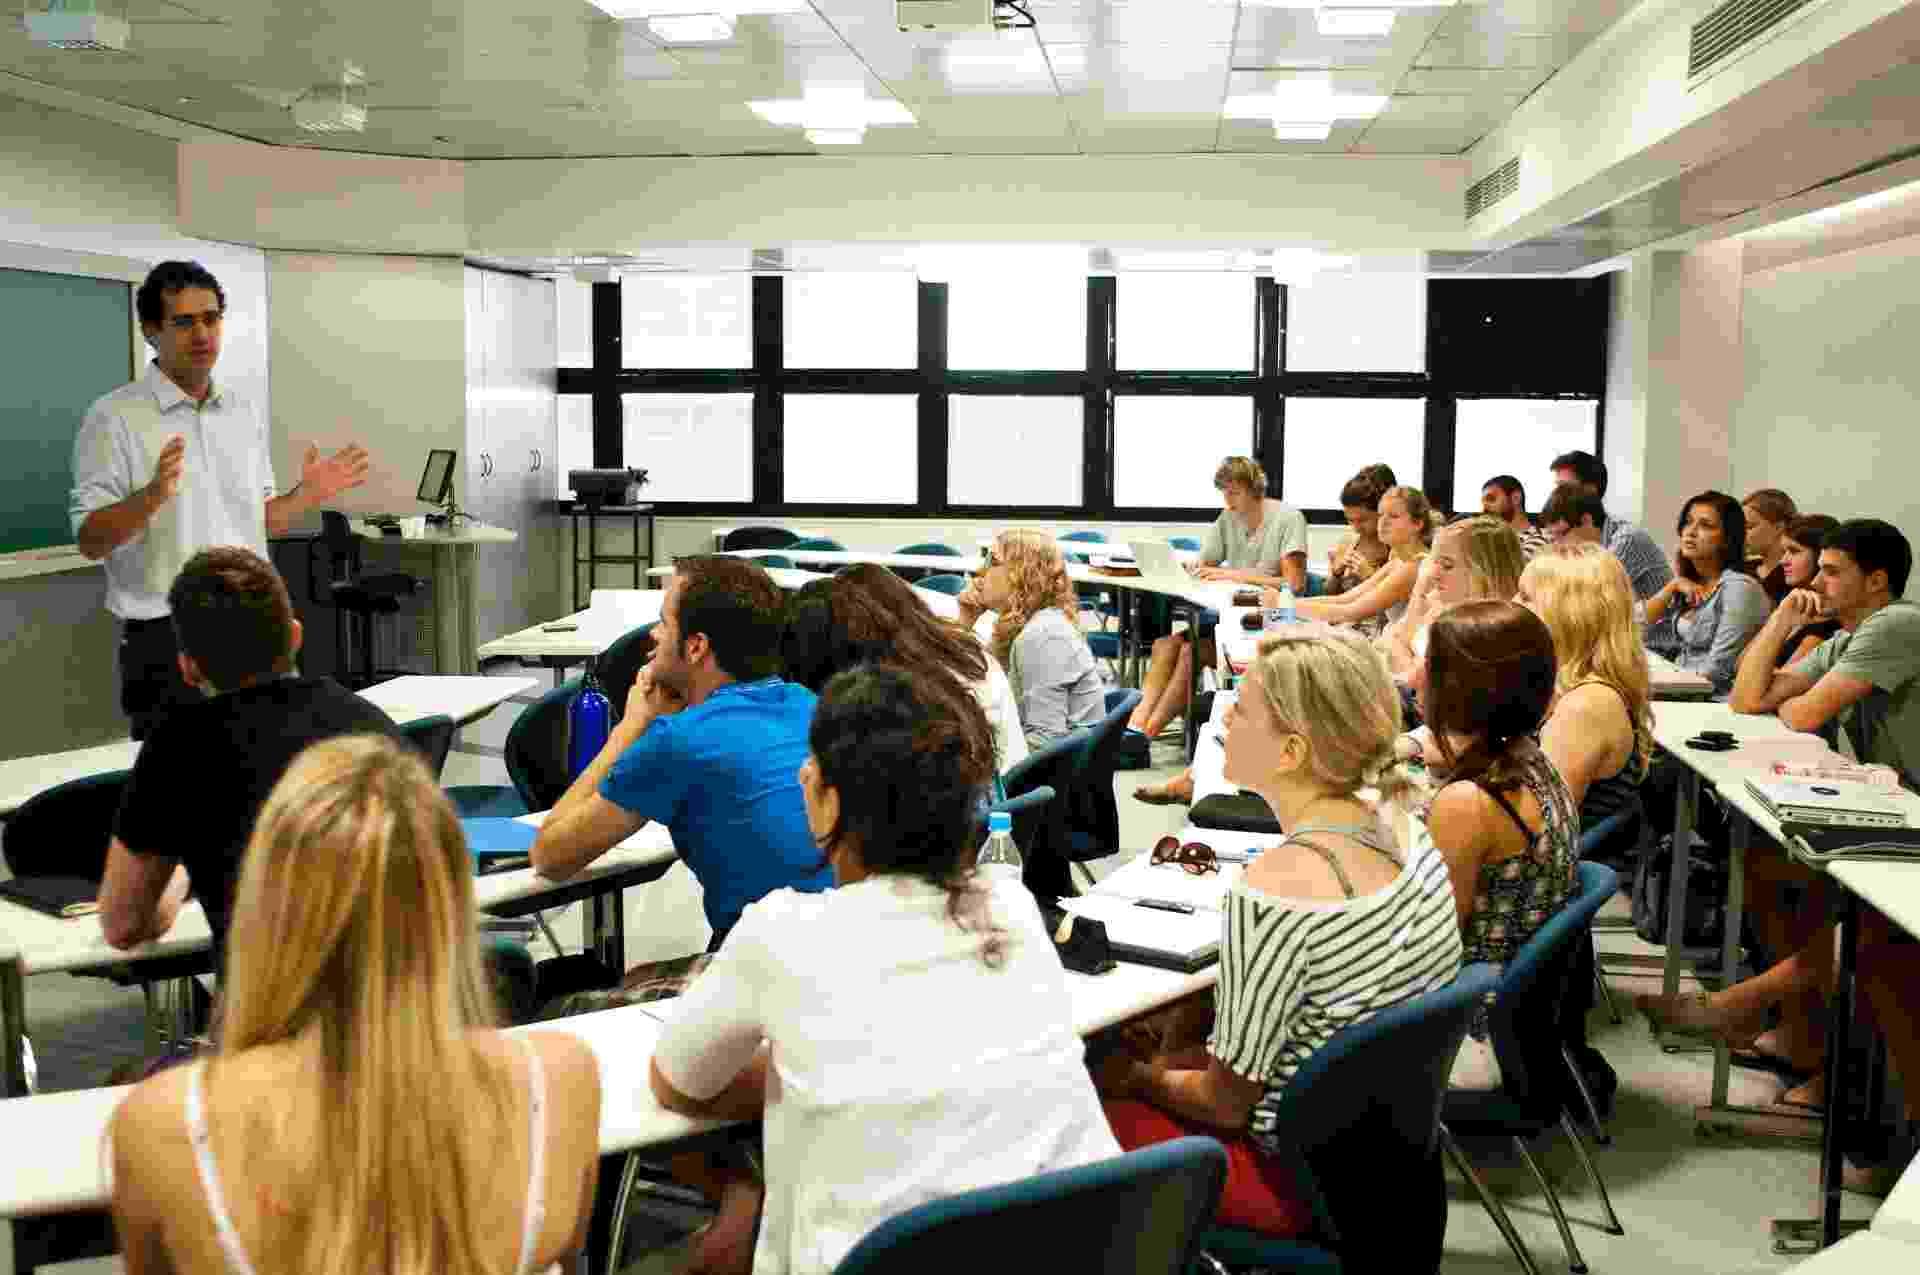 Aula de mestrado profissional com professor em sala de aula - Mateus Bruxel/Folhapress